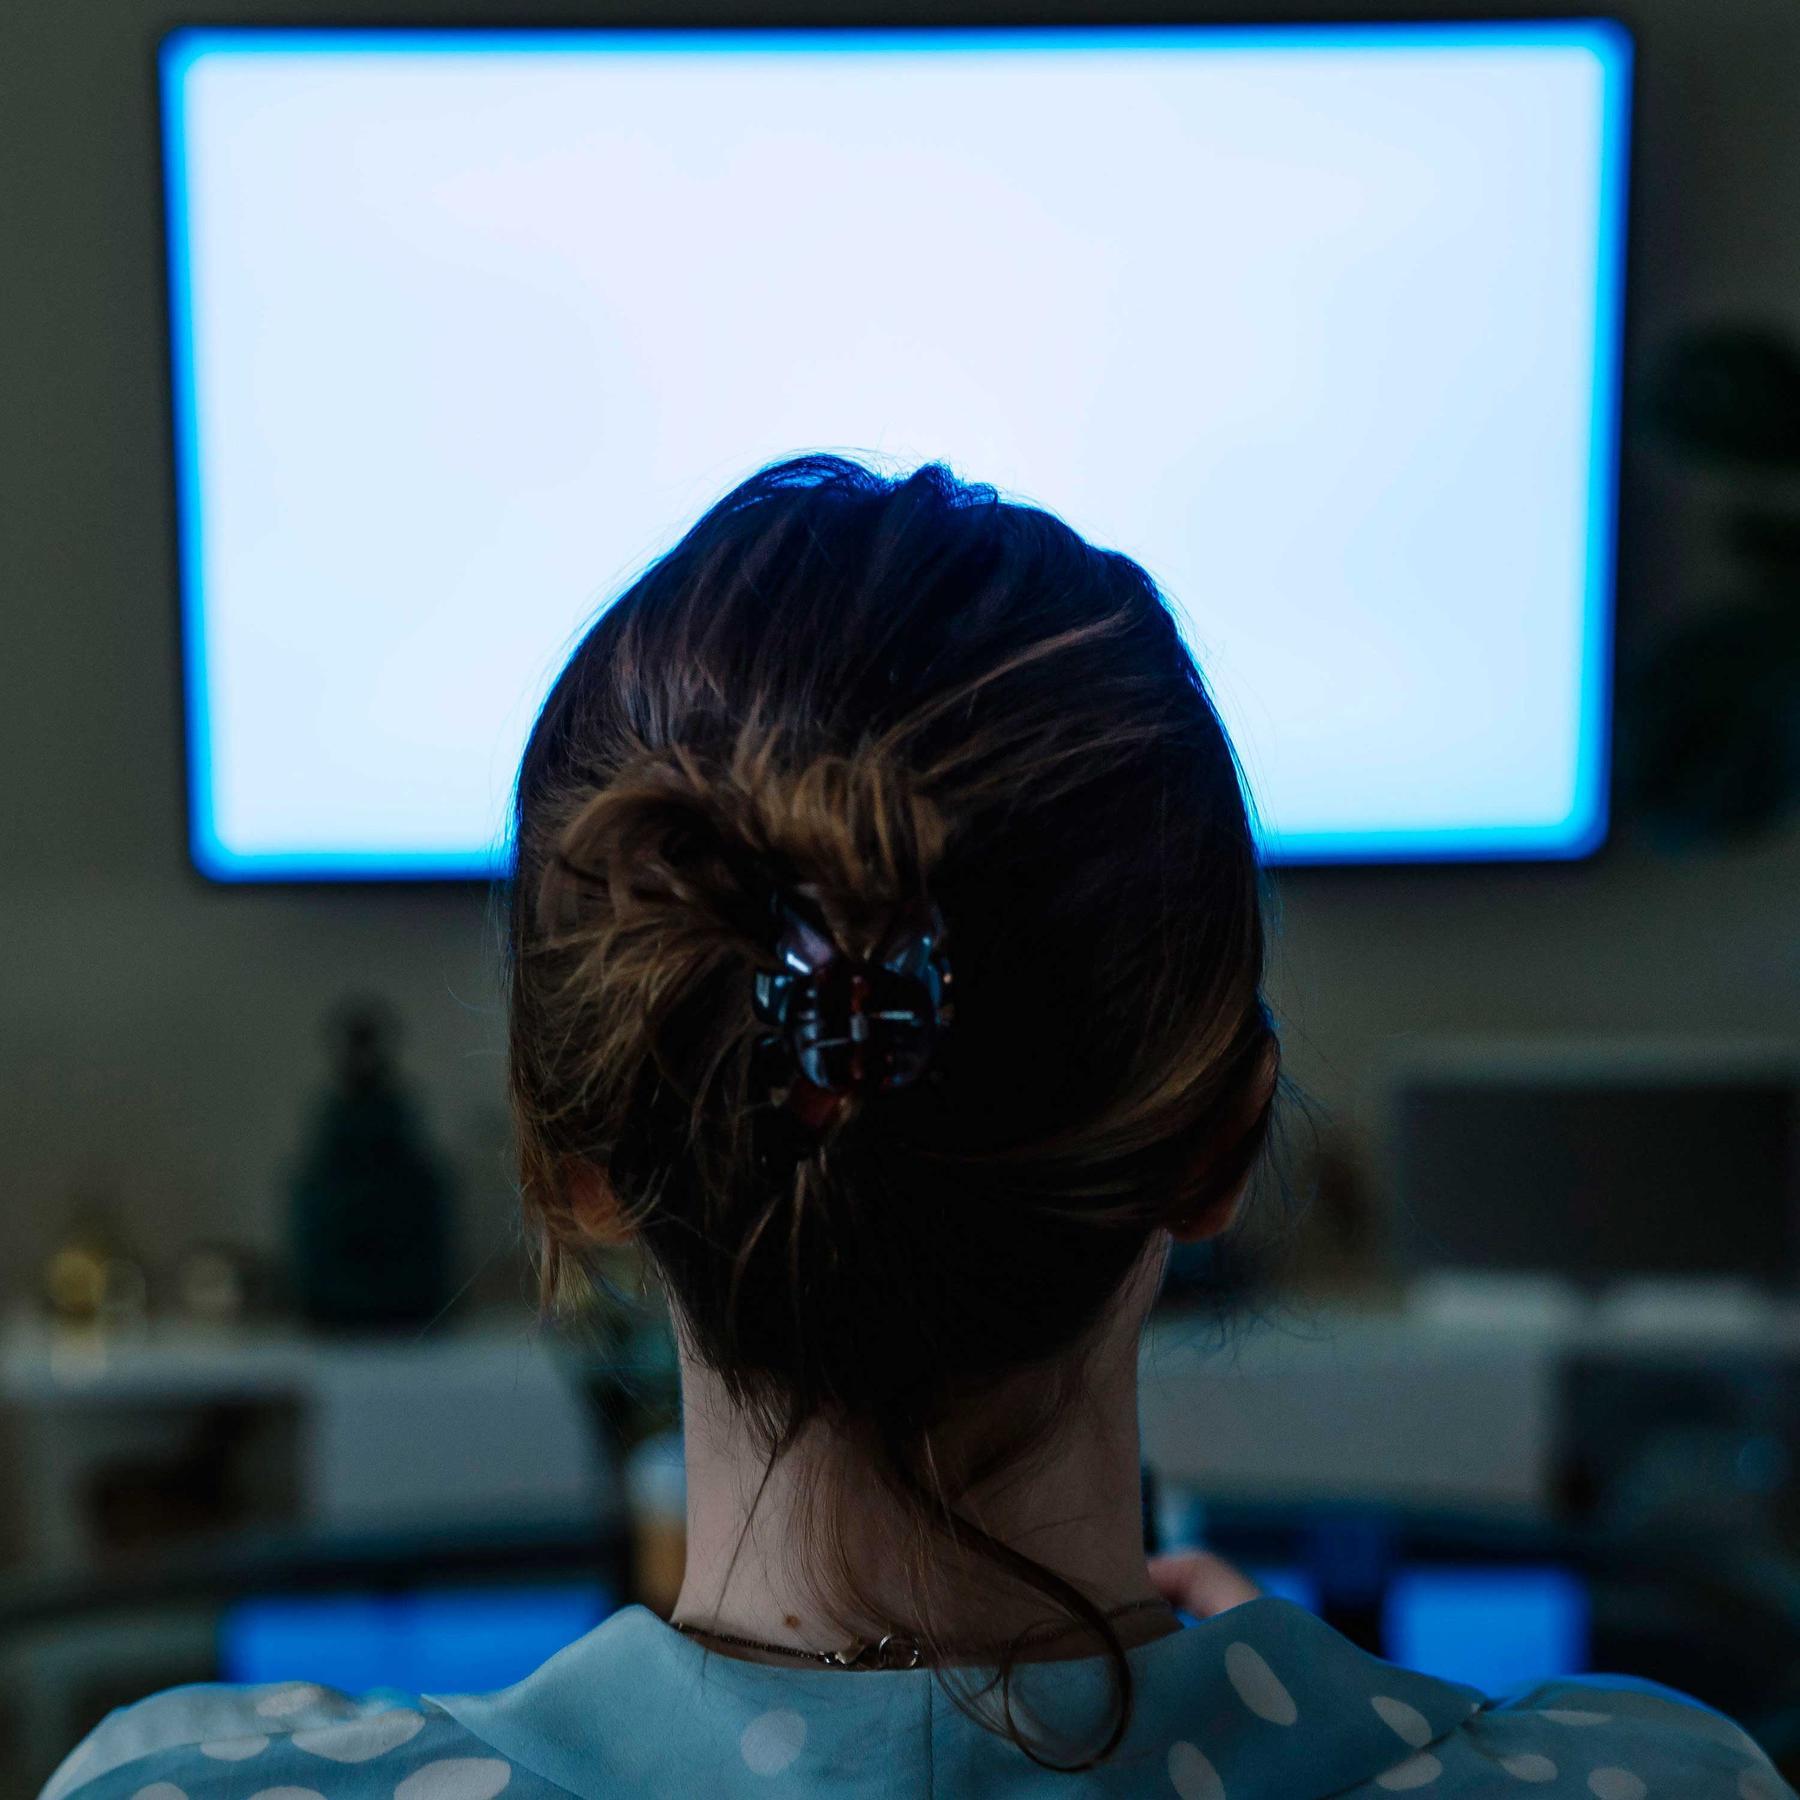 LED-Displays - Wie schädlich ist das blaue Licht wirklich?